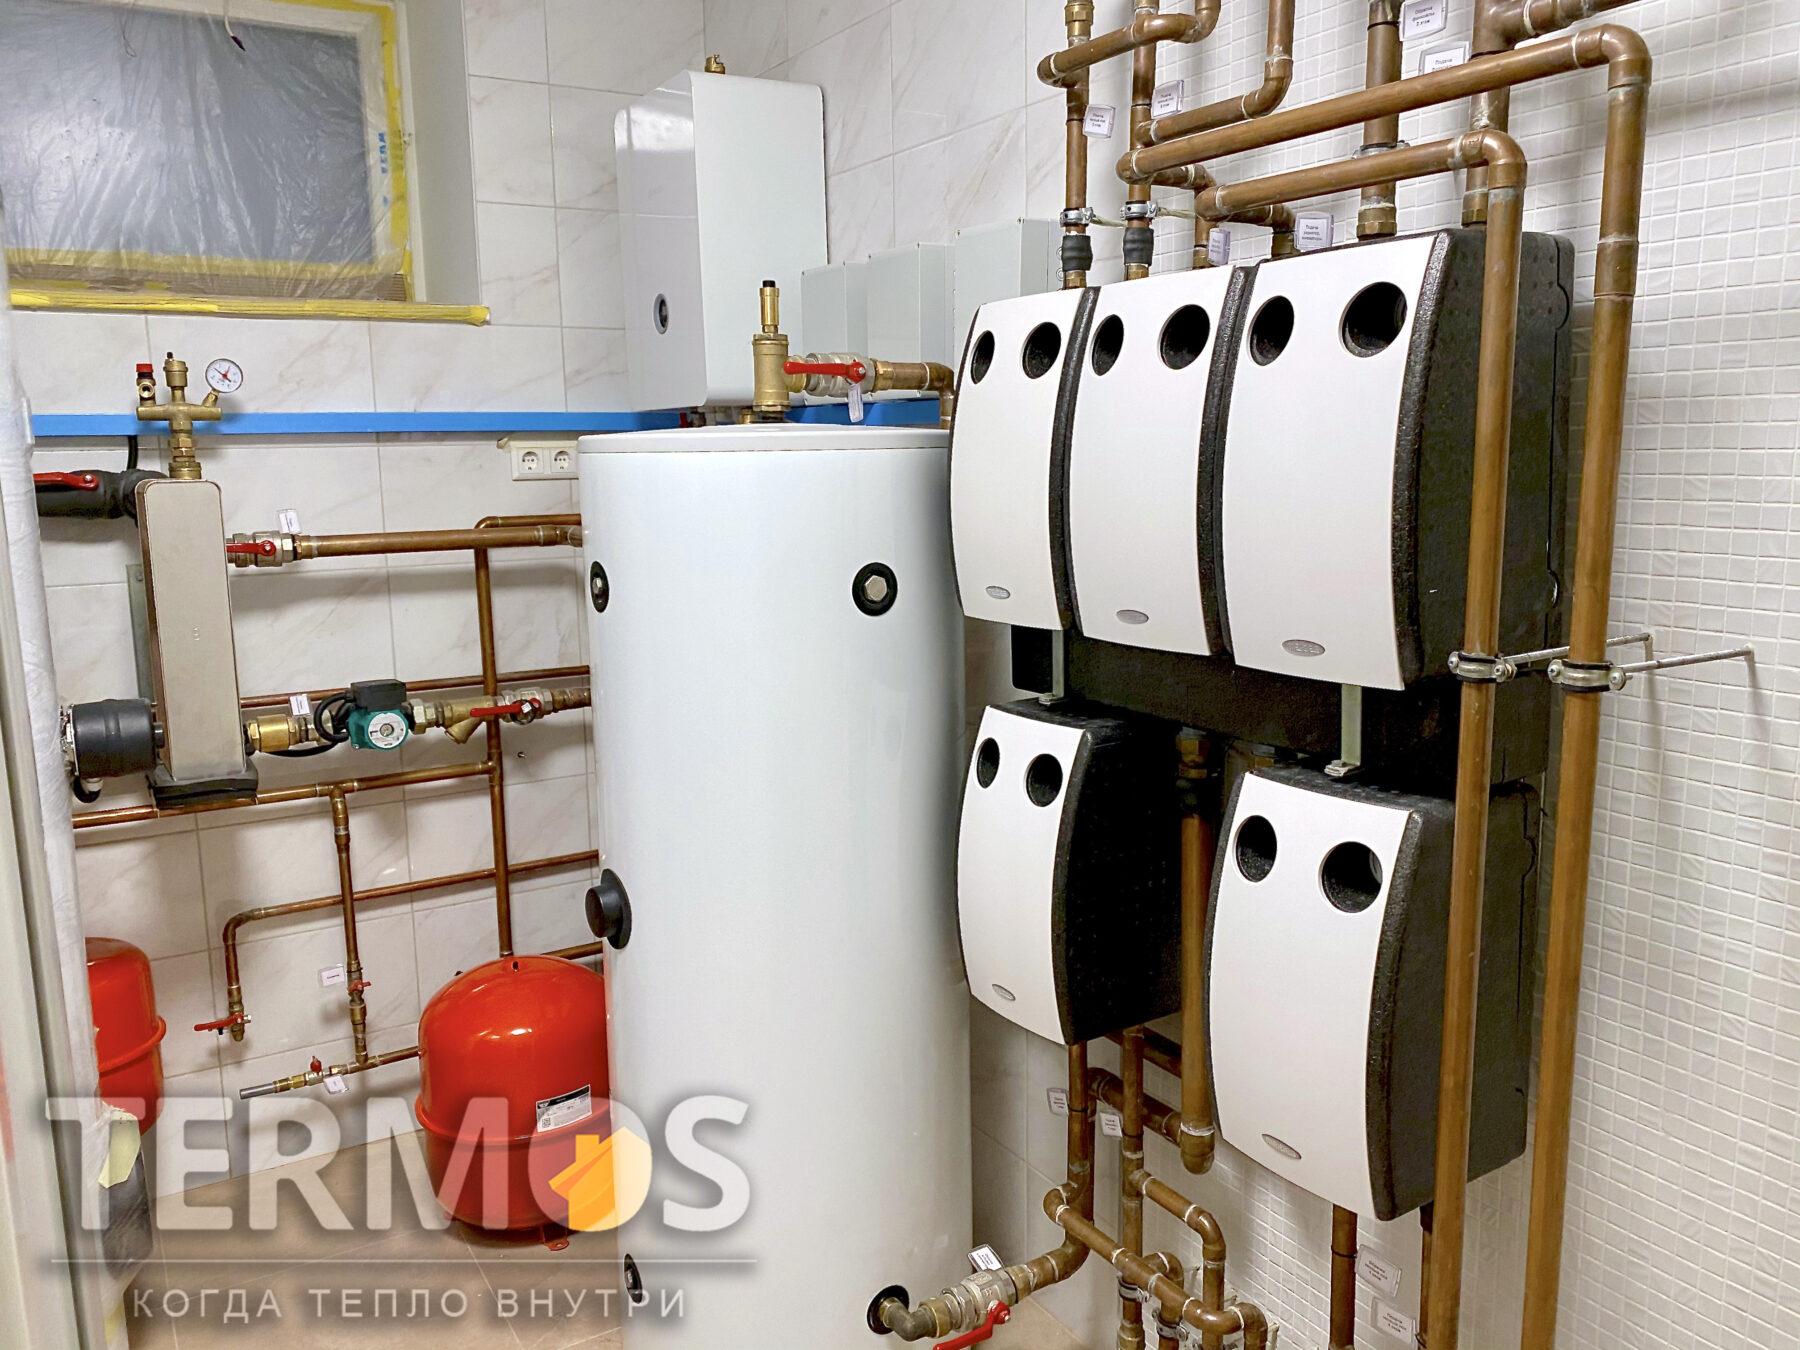 Борщагівка. Котедж 650 м.кв. Низькотемпературна система опалення теплою підлогою. Гаряче водопостачання забезпечує 500 л. бойлер з теплообмінником збільшеної площі